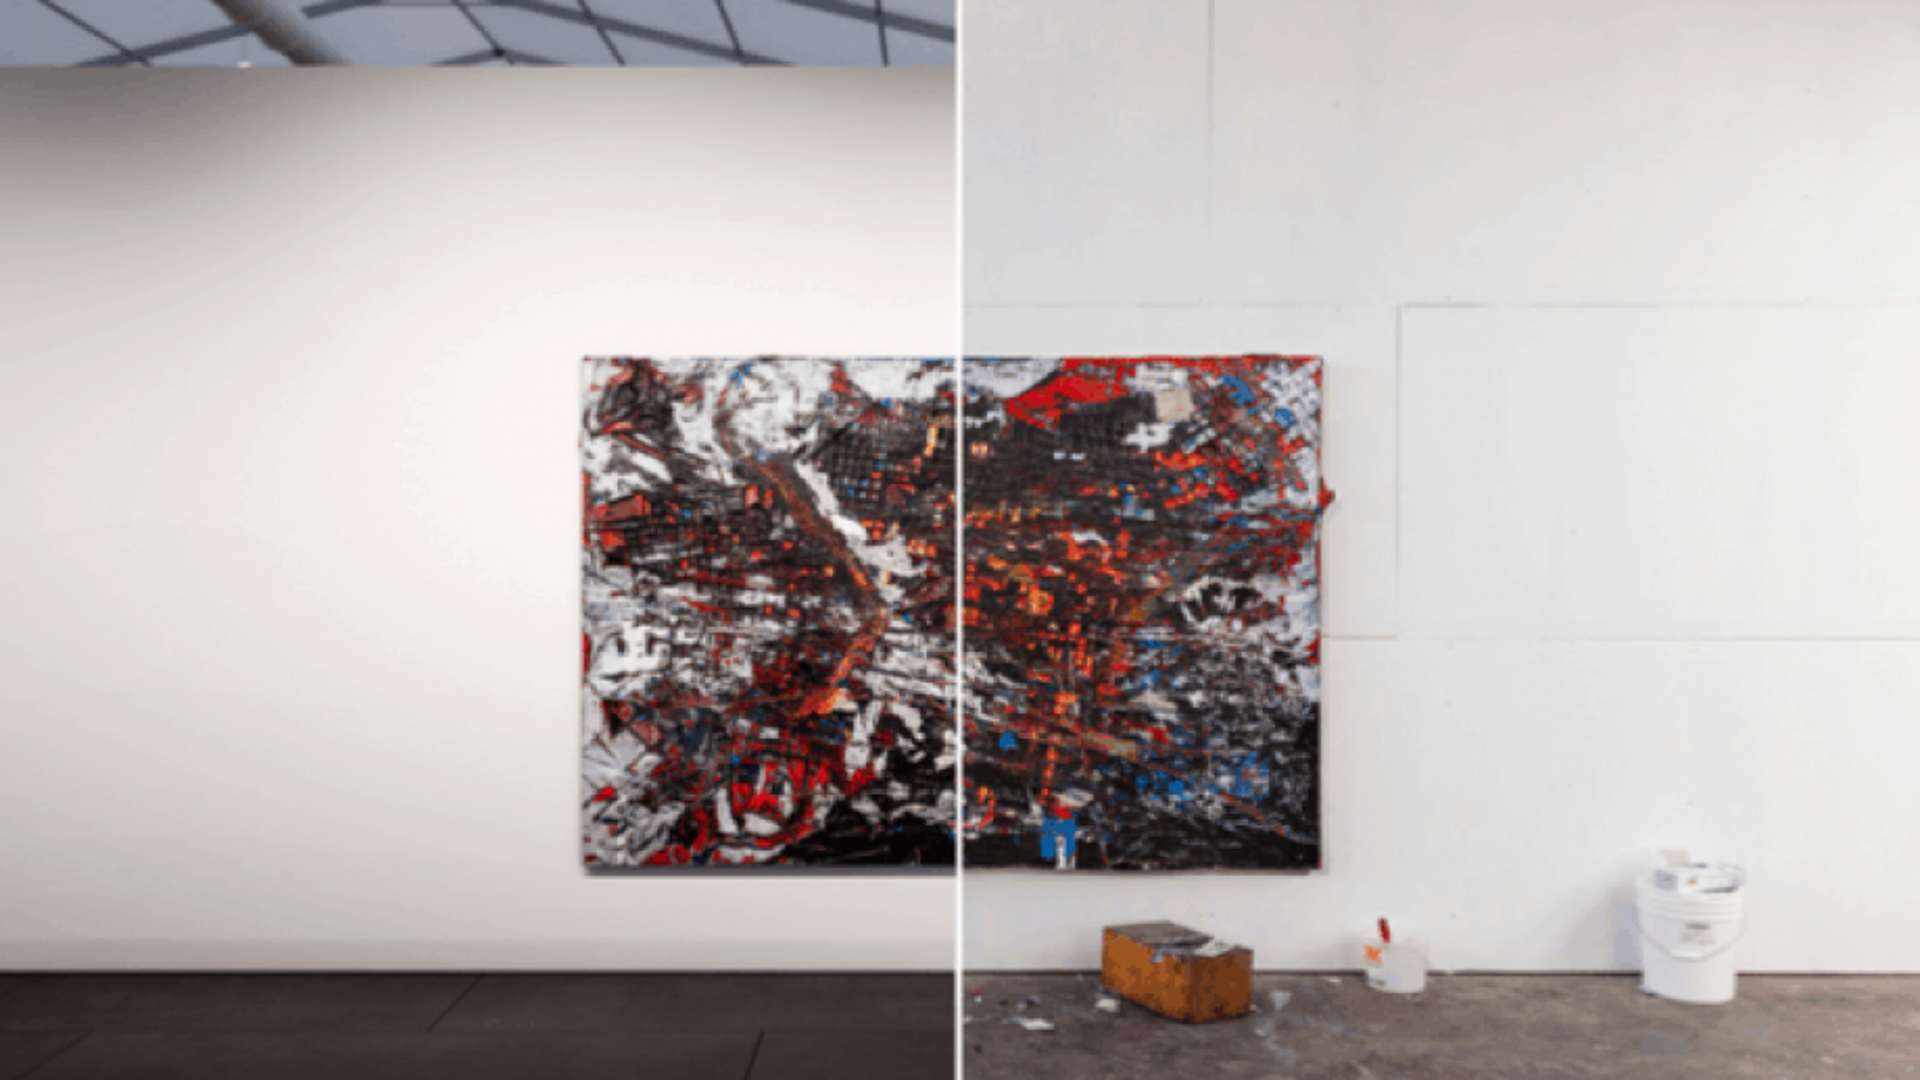 La galerie Hauser & Wirth de retour au Frieze Londres